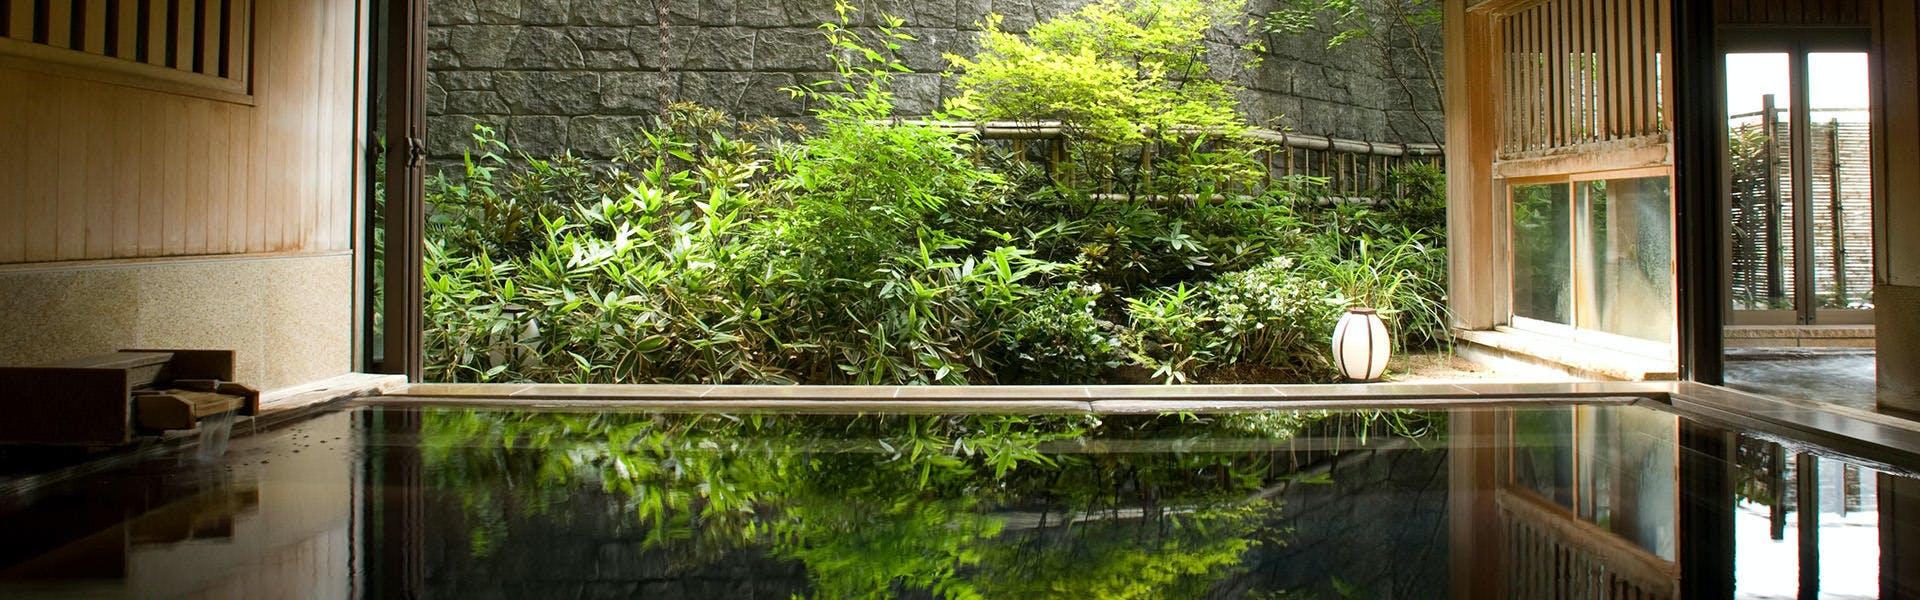 記念日におすすめのホテル・お宿玉樹の写真1